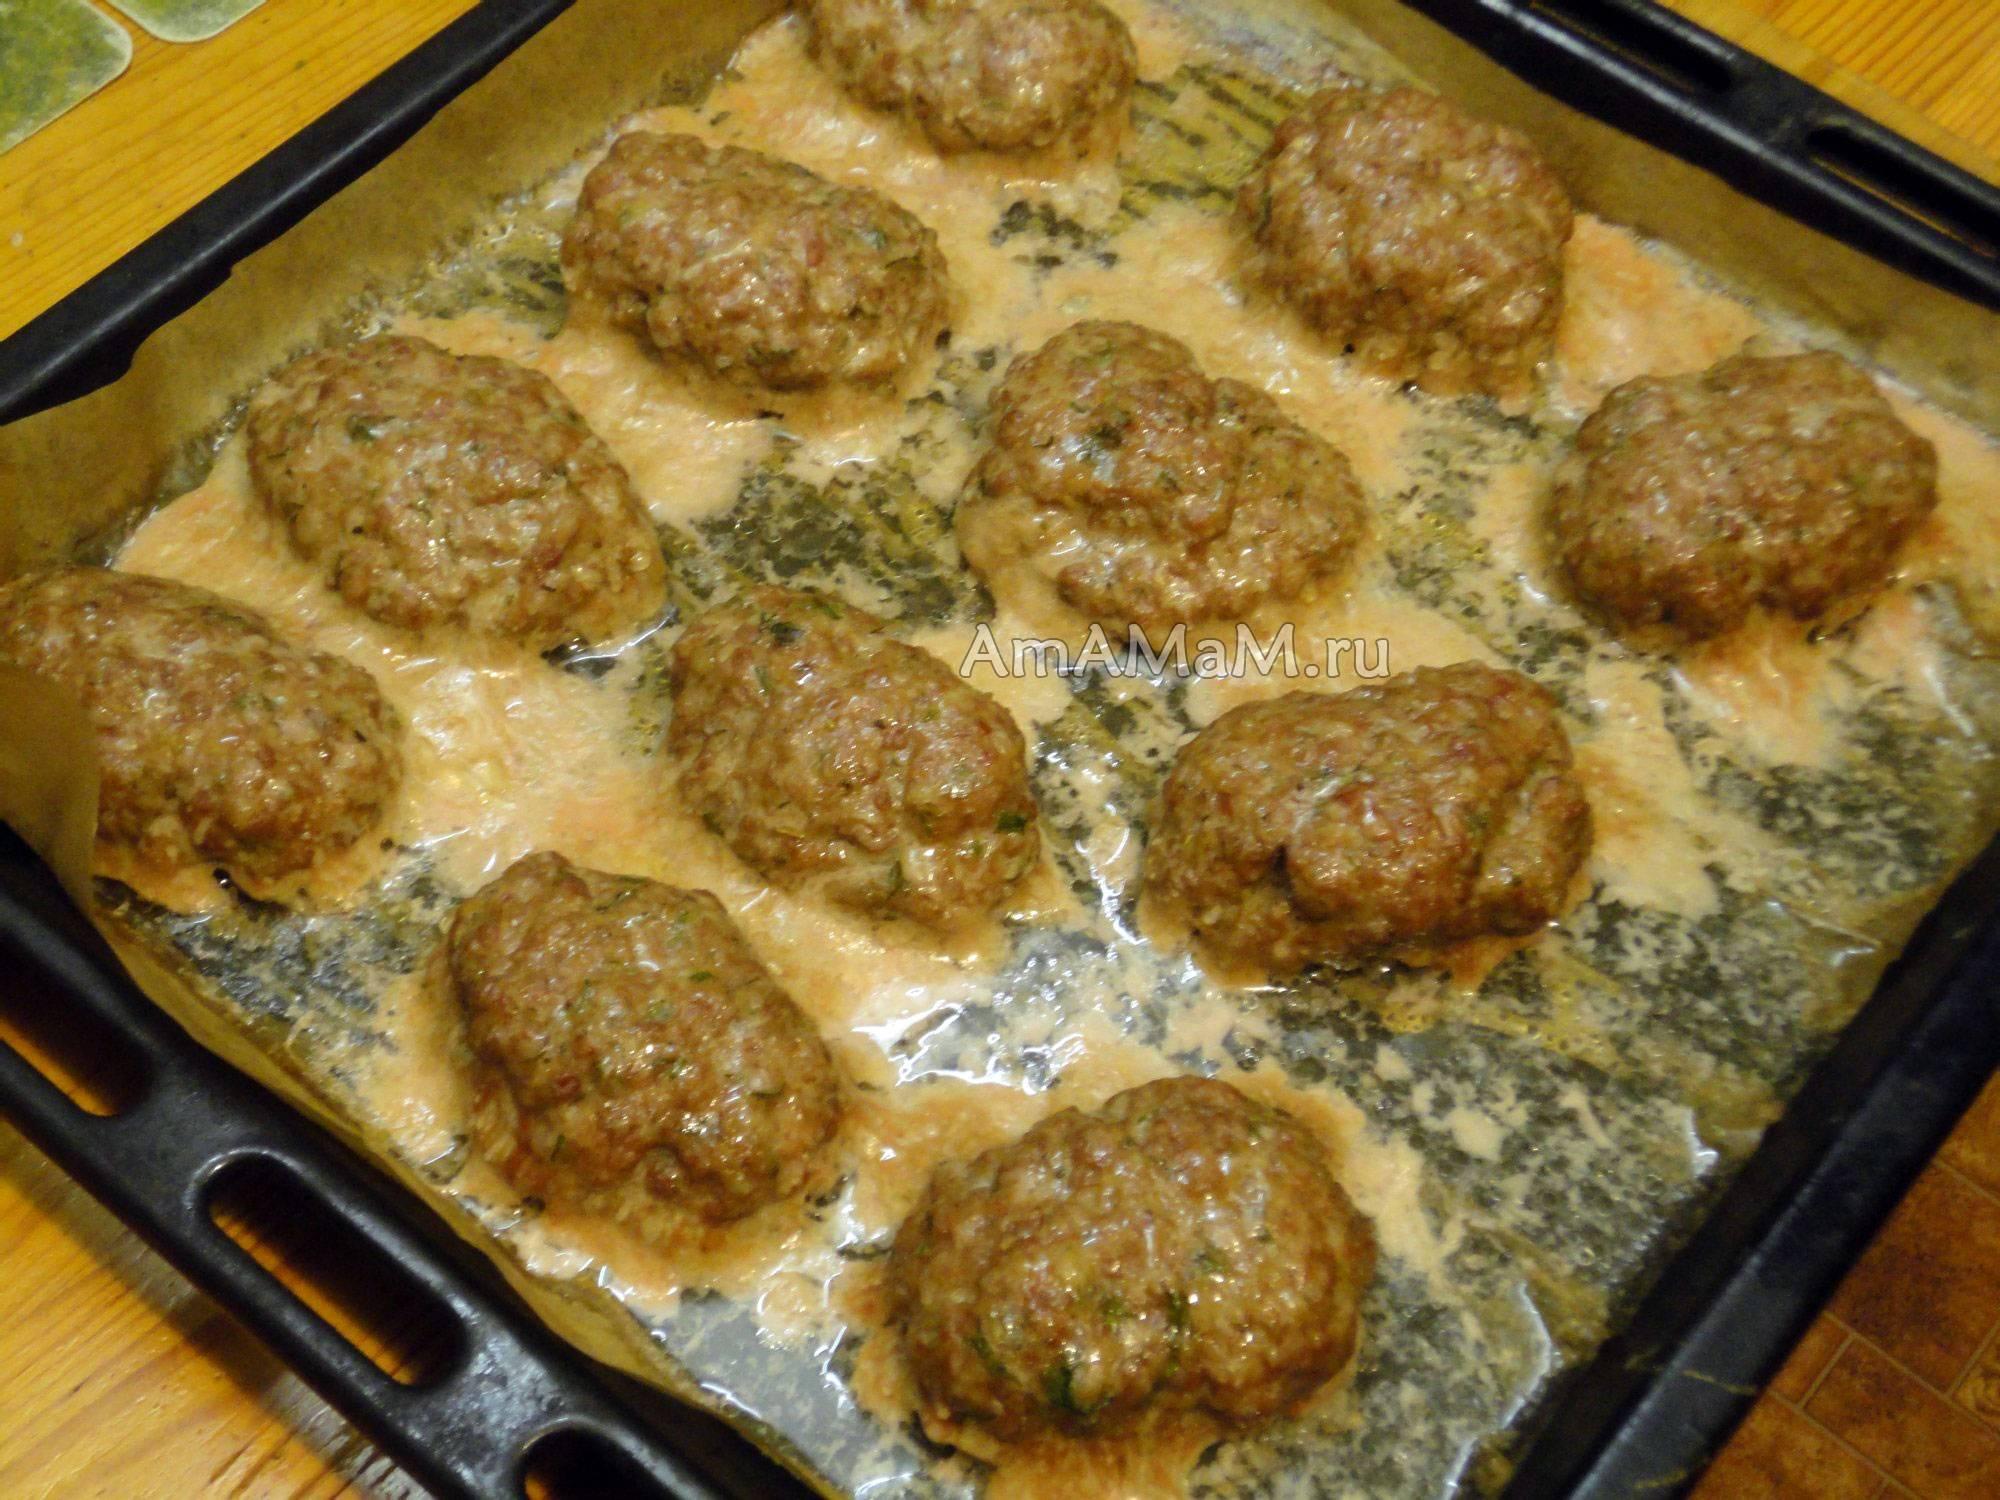 Котлеты из говядины в духовке - 2 вкусных рецепта